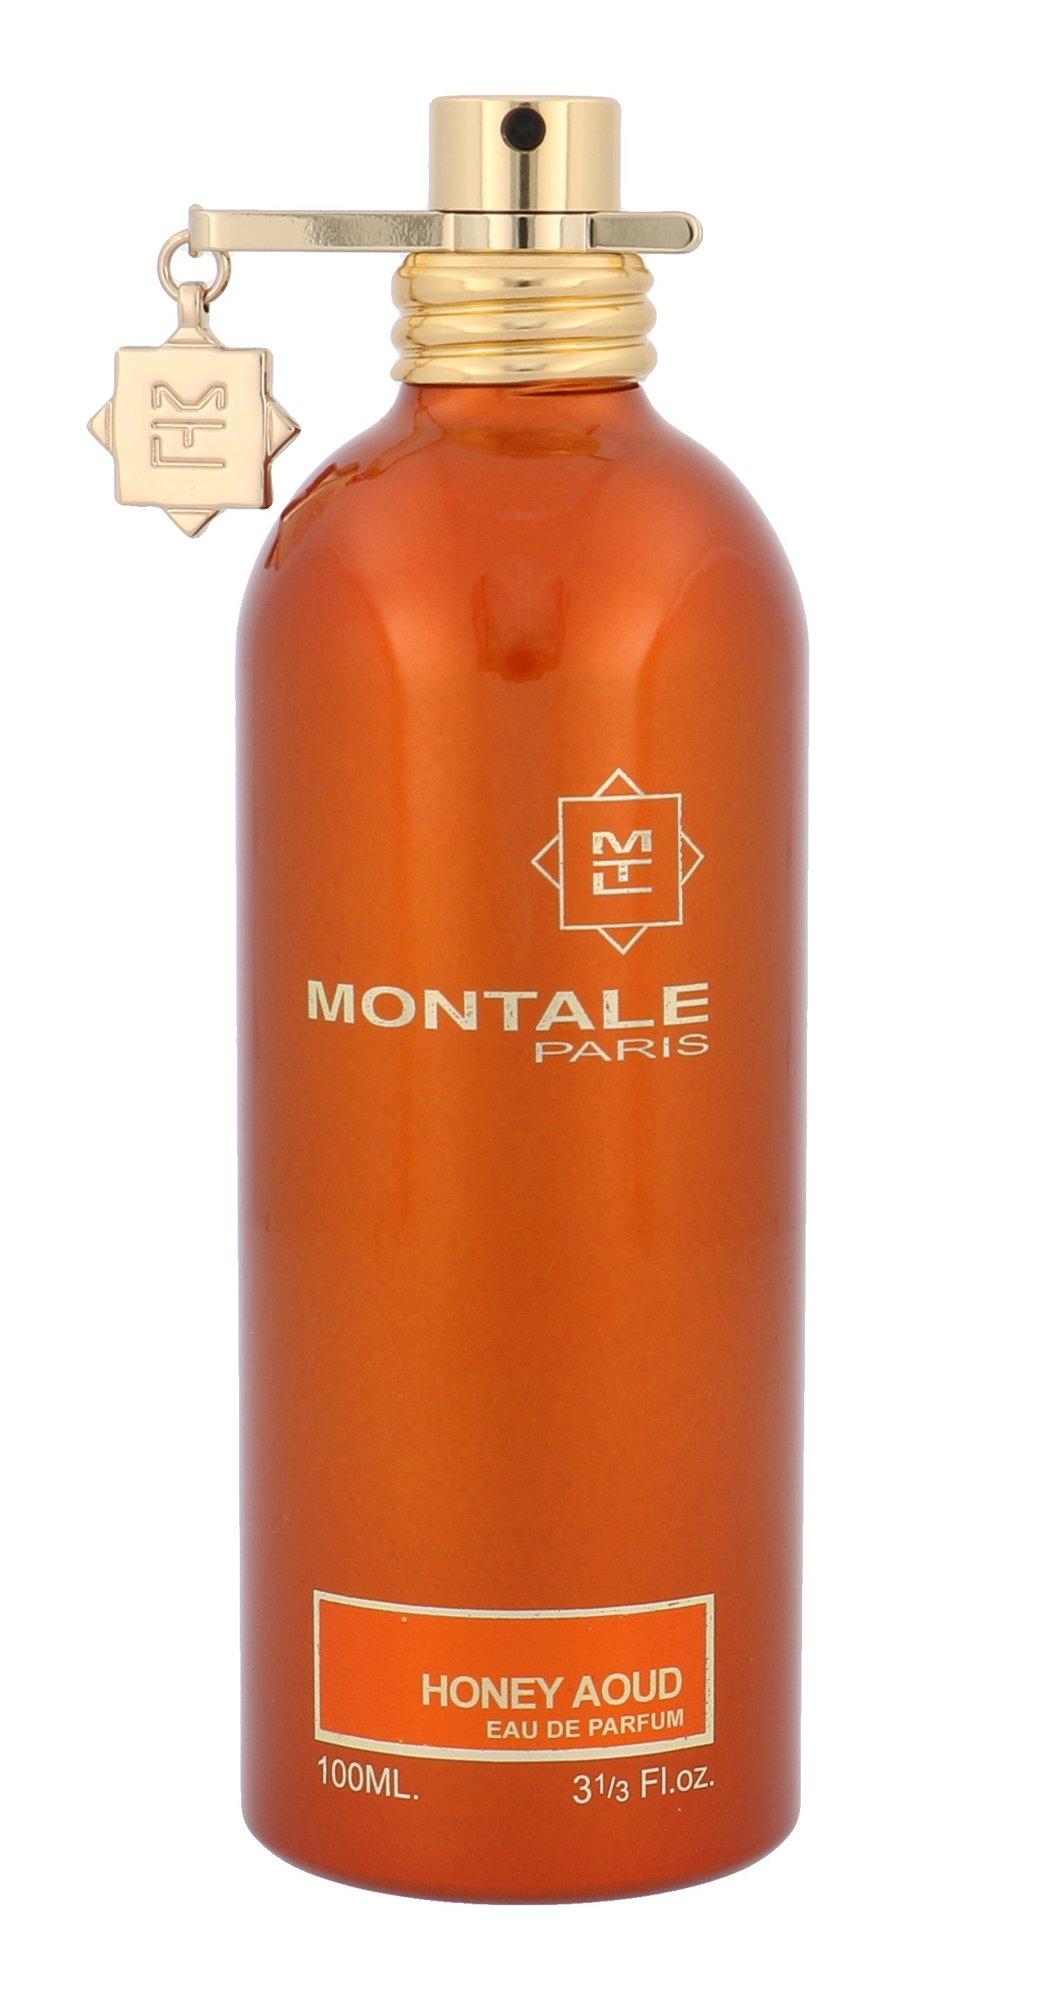 Montale Paris Honey Aoud EDP 100ml